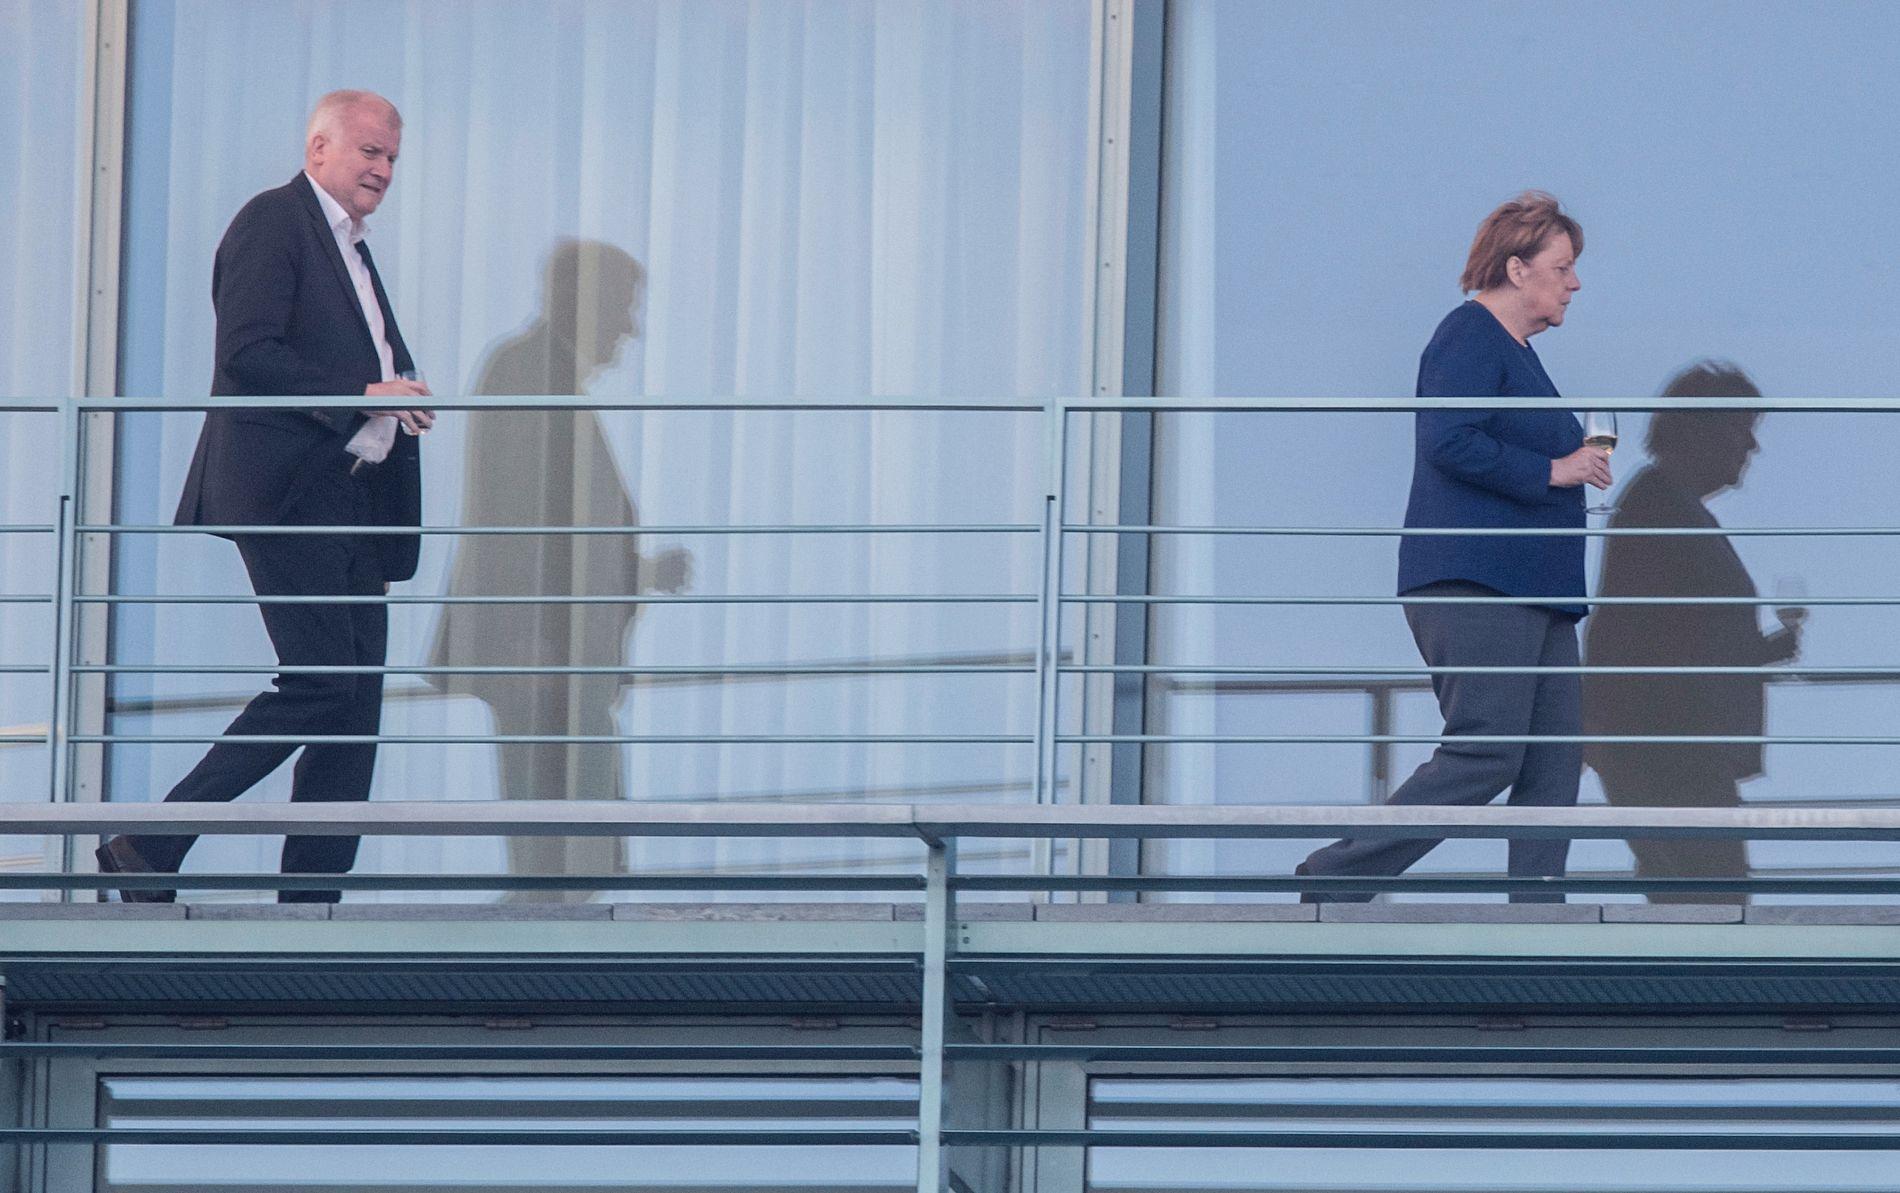 KRISE: Dersom Horst Seehofer (CSU) og forbundskansler Angela Merkel ikke kommer til enighet, kan regjeringen falle.